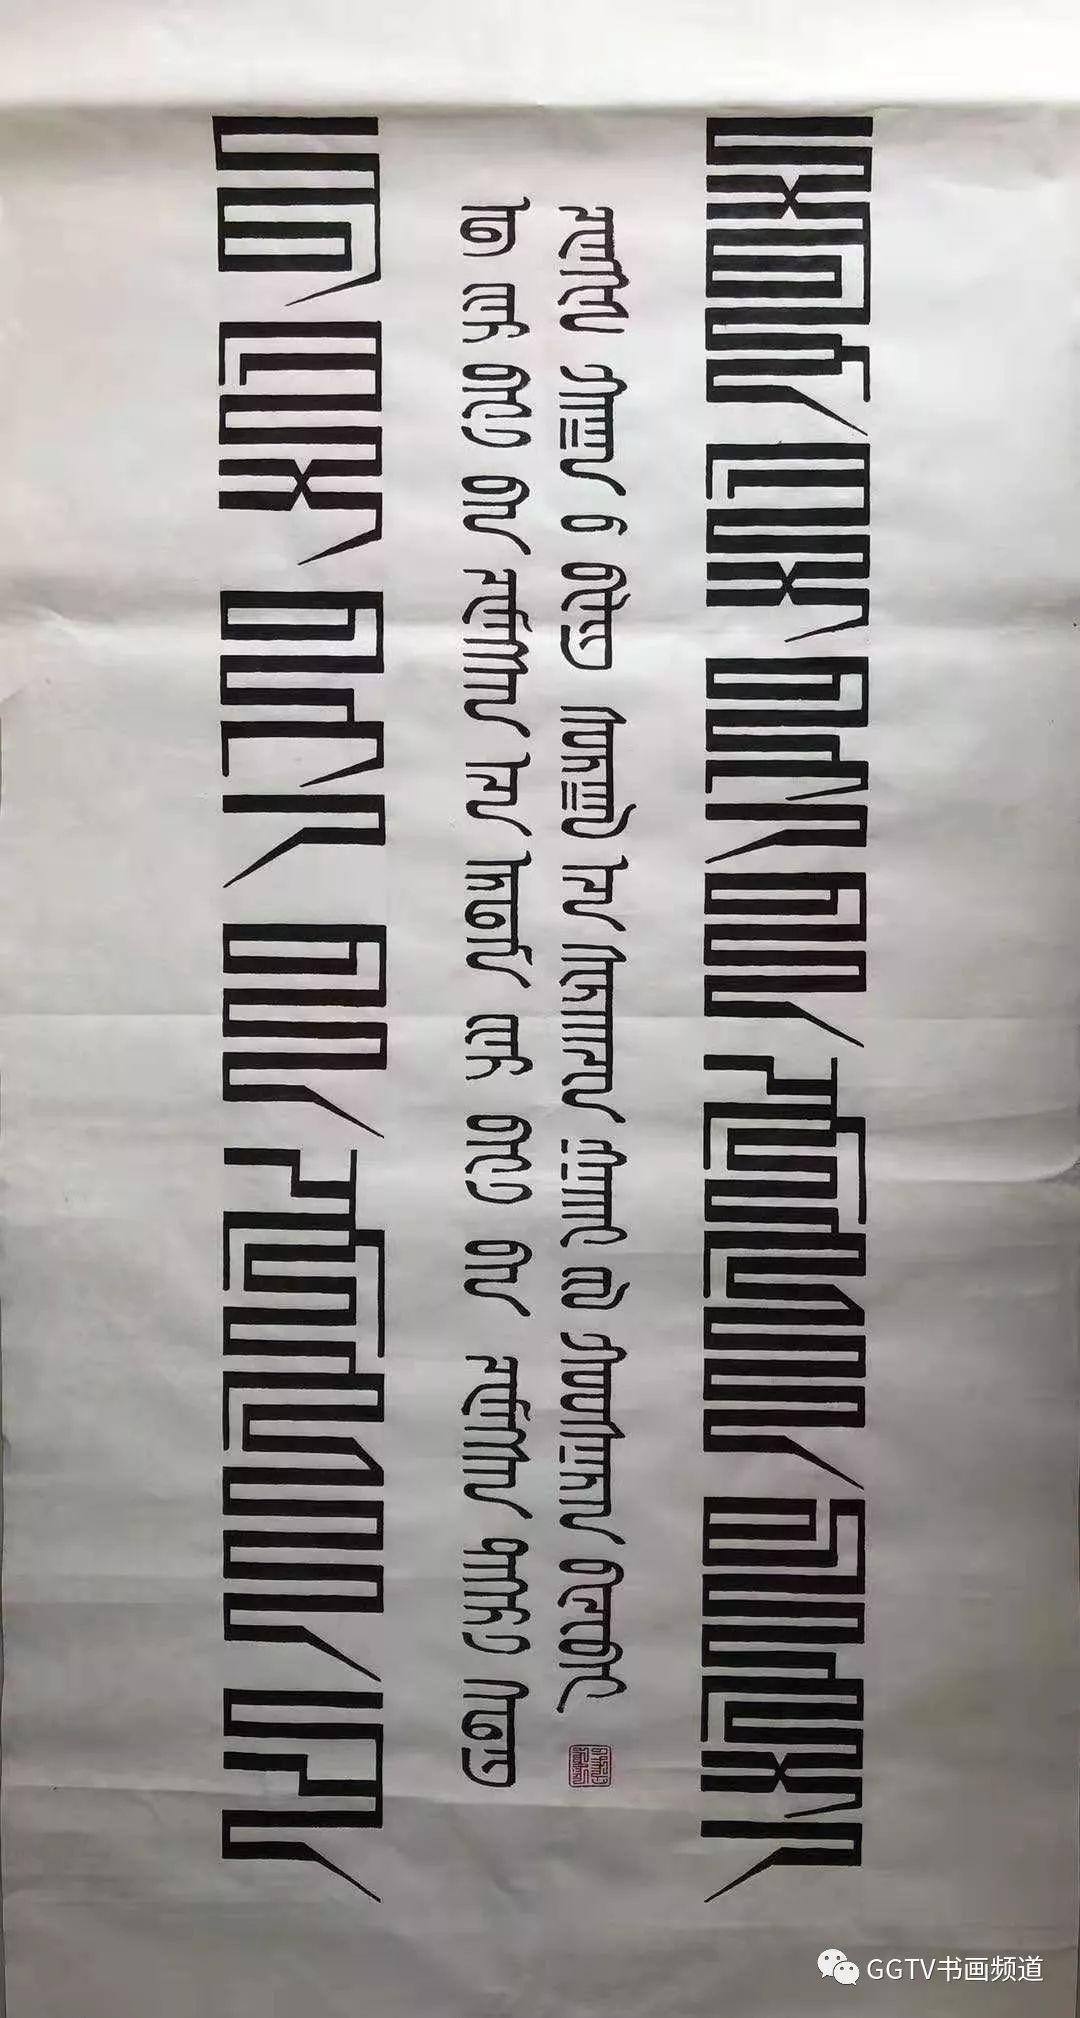 庆祝建国70周年全国优秀艺术家  —— 鲍好斯那拉作品展 第48张 庆祝建国70周年全国优秀艺术家   ——  鲍好斯那拉作品展 蒙古书法